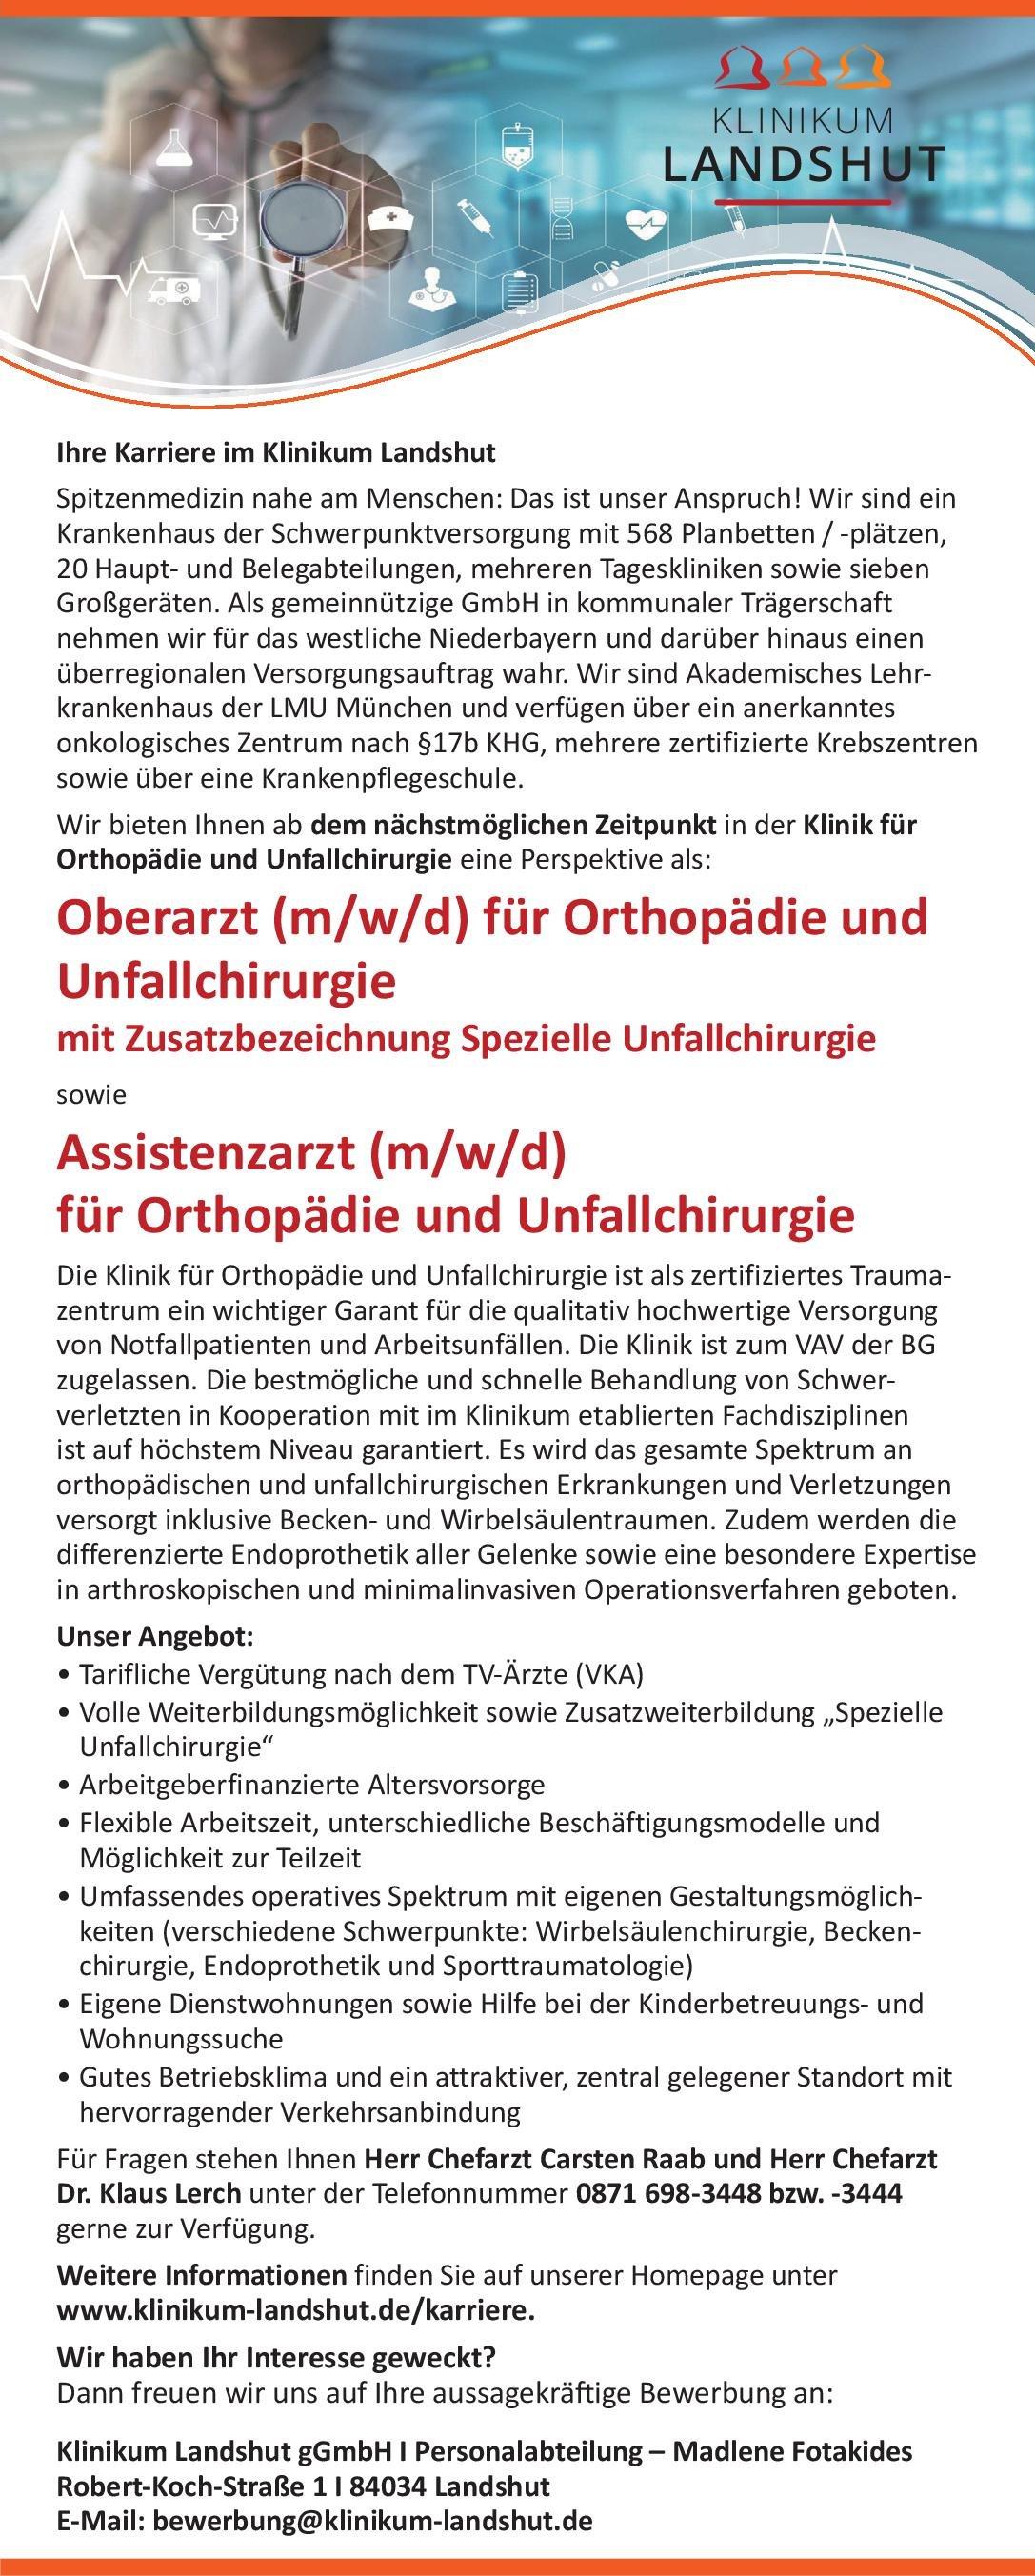 Klinikum Landshut gGmbH Oberarzt (m/w/d) für Orthopädie und Unfallchirurgie mit Zusatzbezeichnung Spezielle Unfallchirurgie  Orthopädie und Unfallchirurgie, Chirurgie Oberarzt